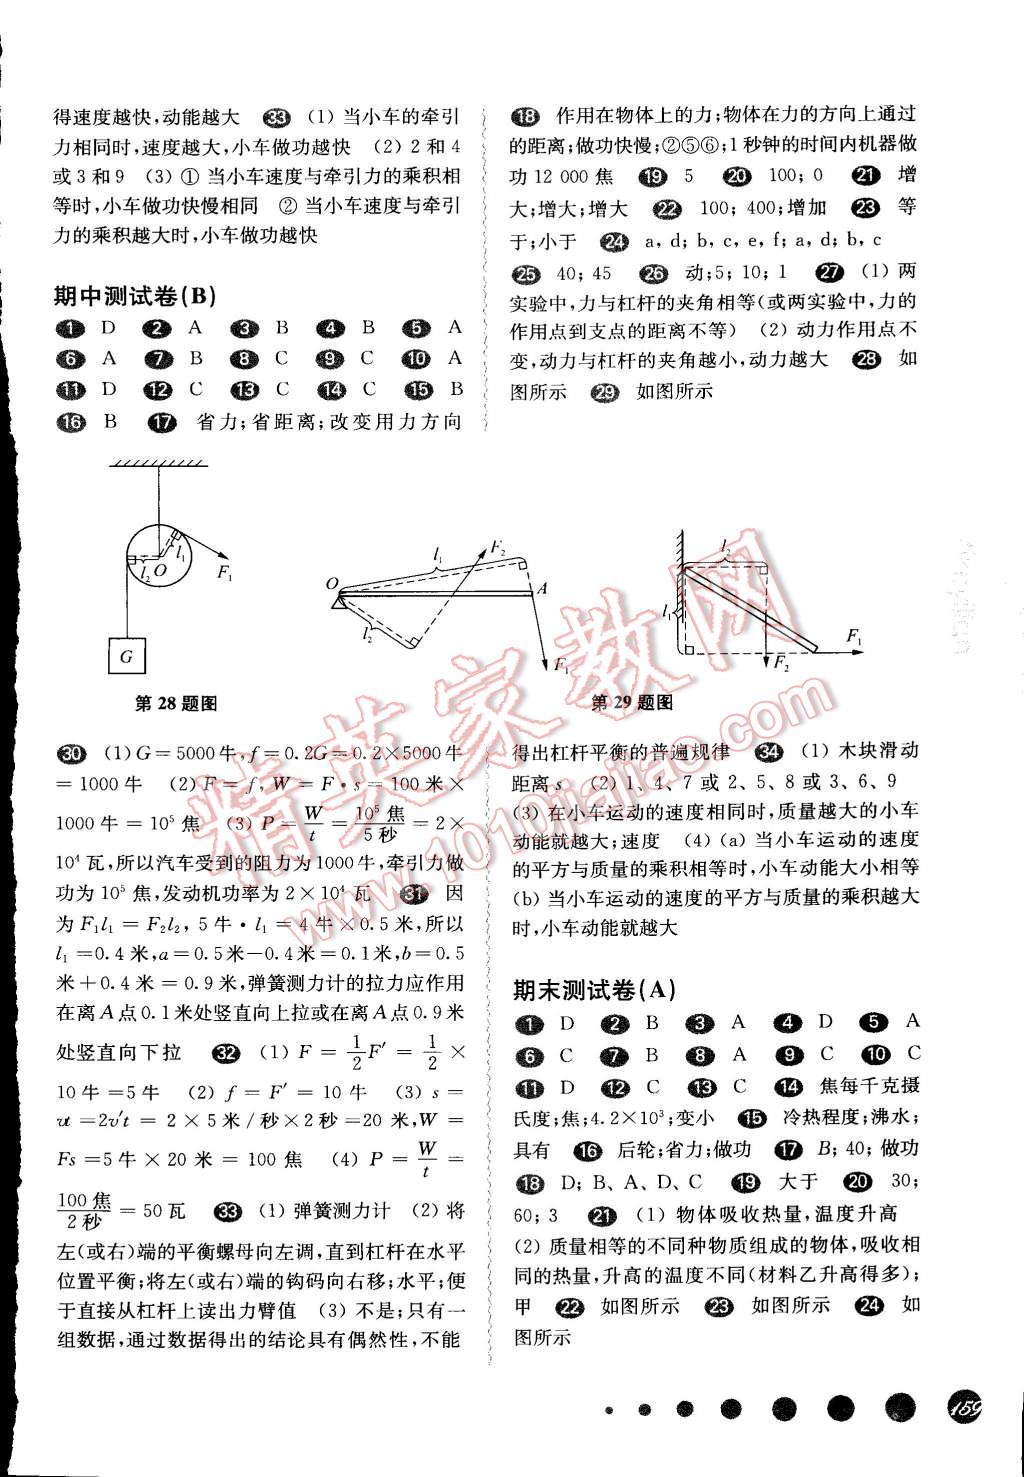 2015年一课一练八年级物理下册华东师大版第13页